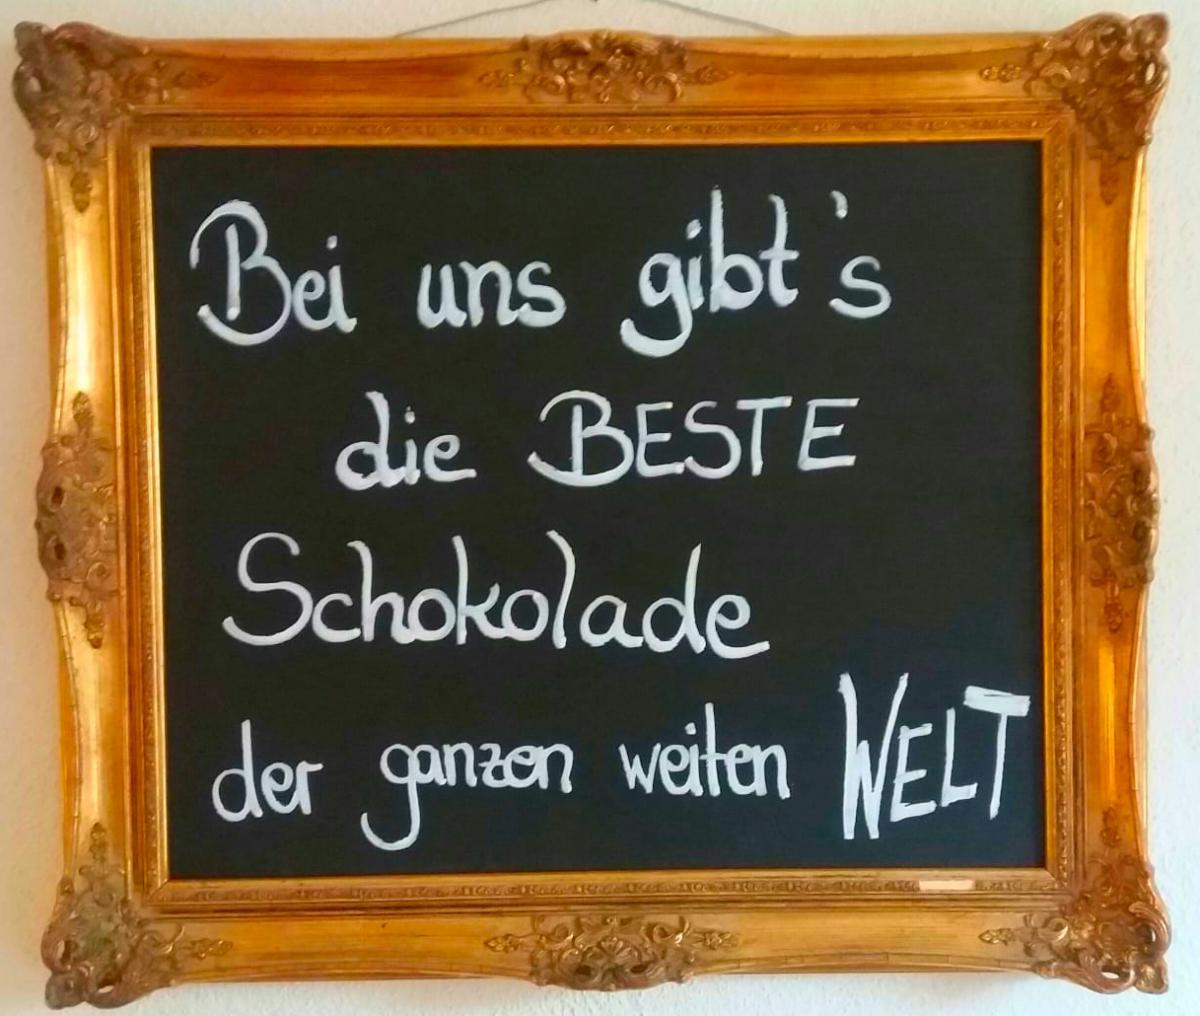 bei_uns_gibts_die_beste_schokolade_tafel.jpg